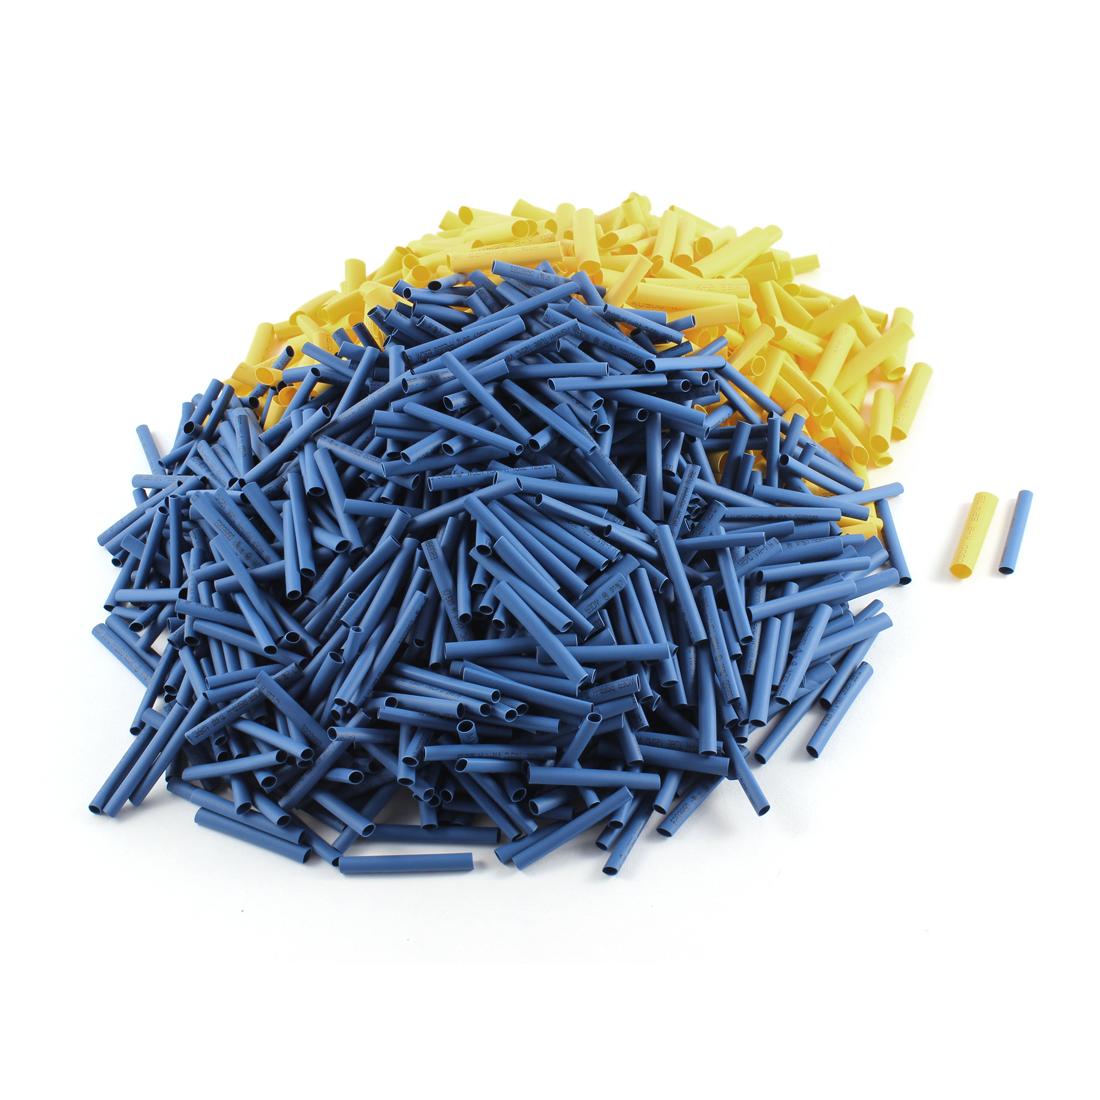 Polyolefin Heat Shrinkable Flexible Tubes Yellow Blue 1300 Pcs